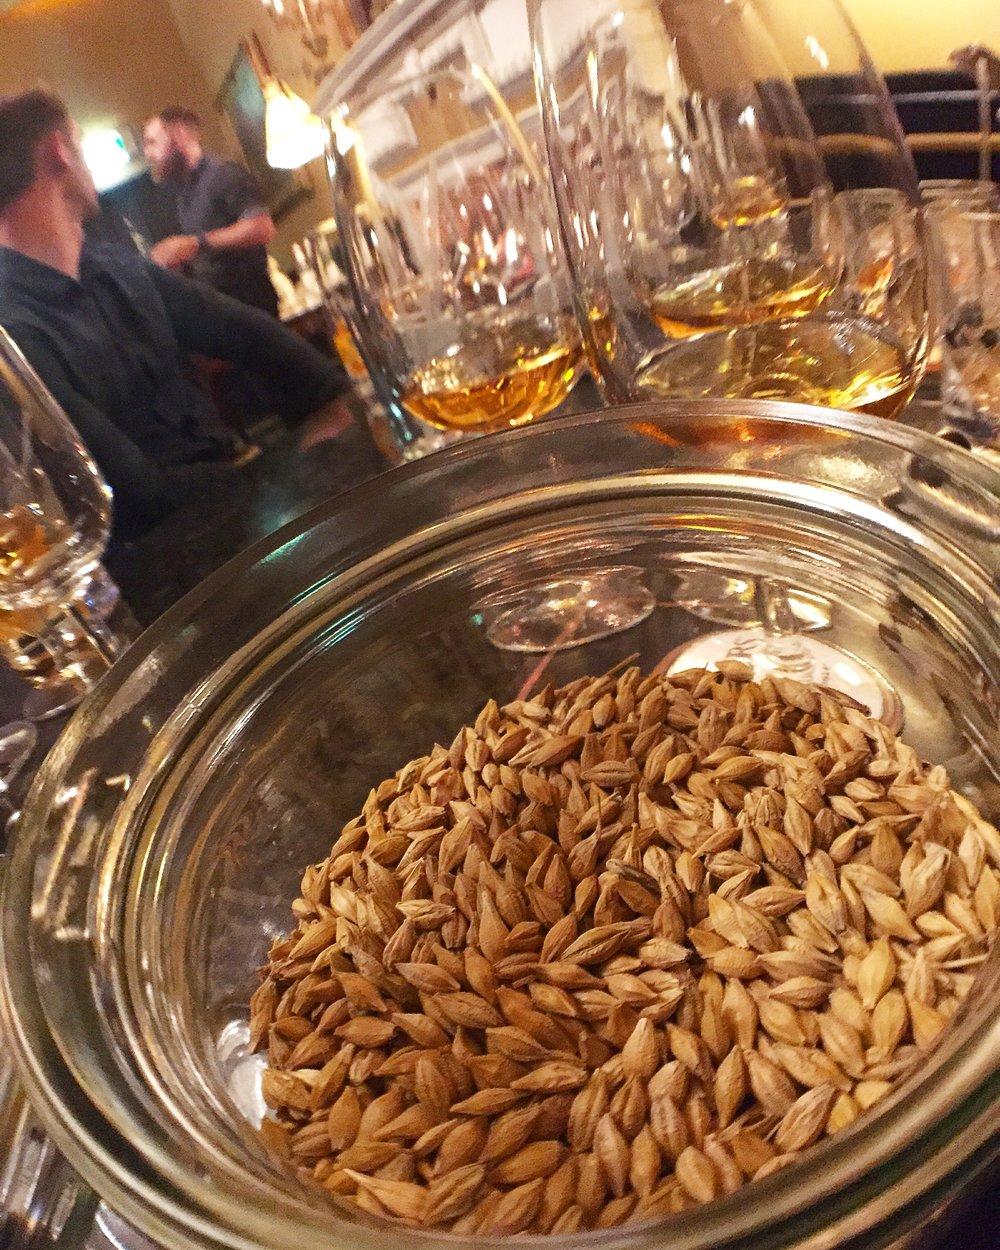 grain_ingredients_whiskey_powers_irish_whiskey_merchant_hotel_belfast_ni_explorer_niexplorer.jpg